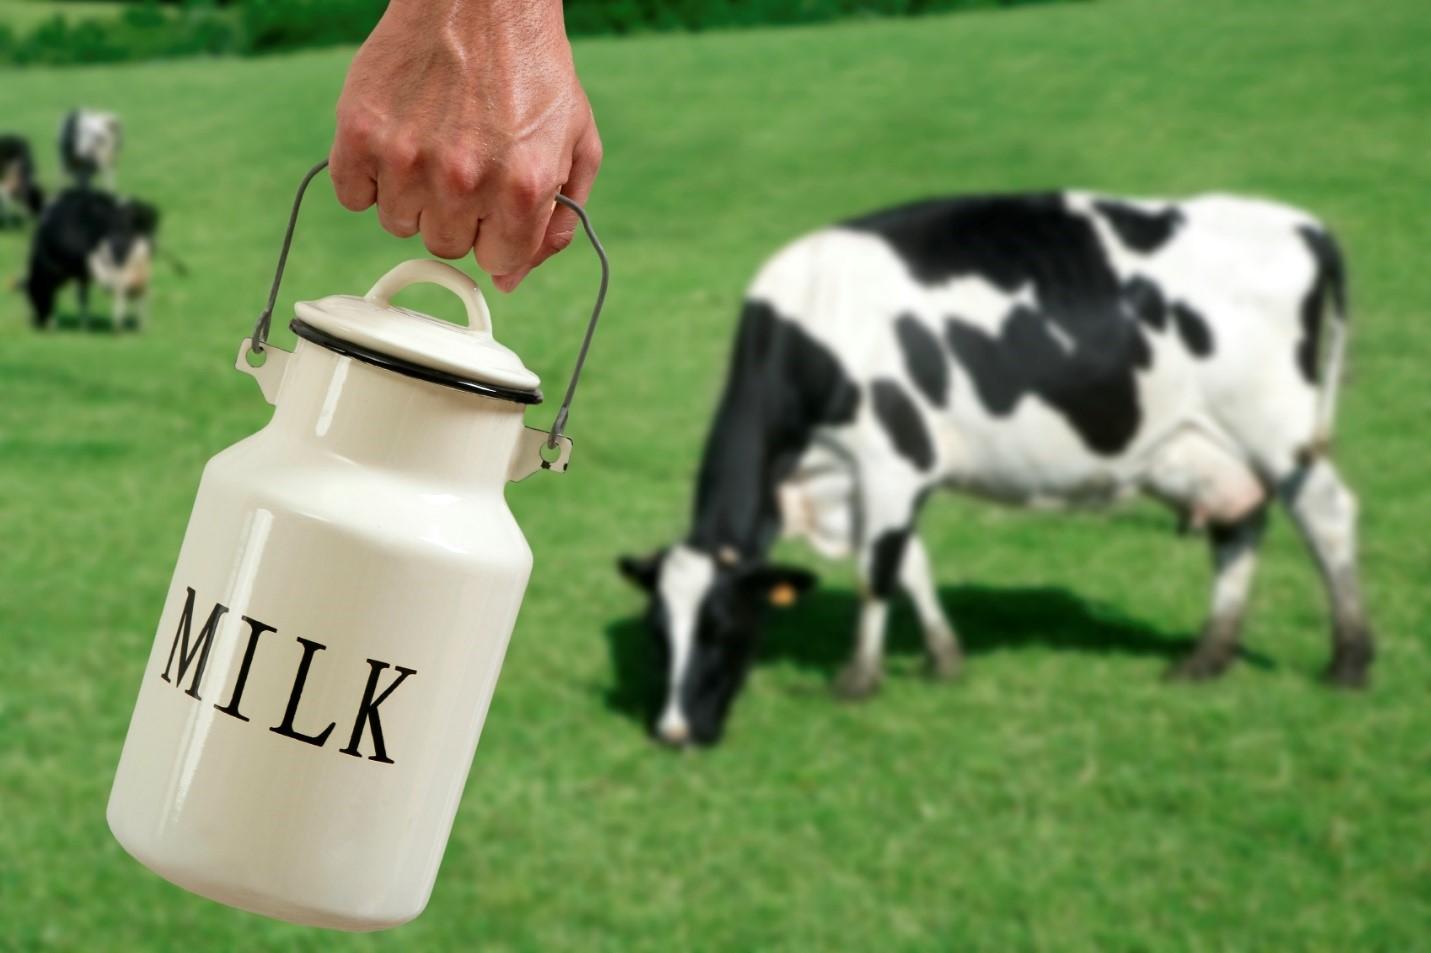 Berapa Jumlah Susu Terbanyak yang bisa dihasilkan seekor sapi?